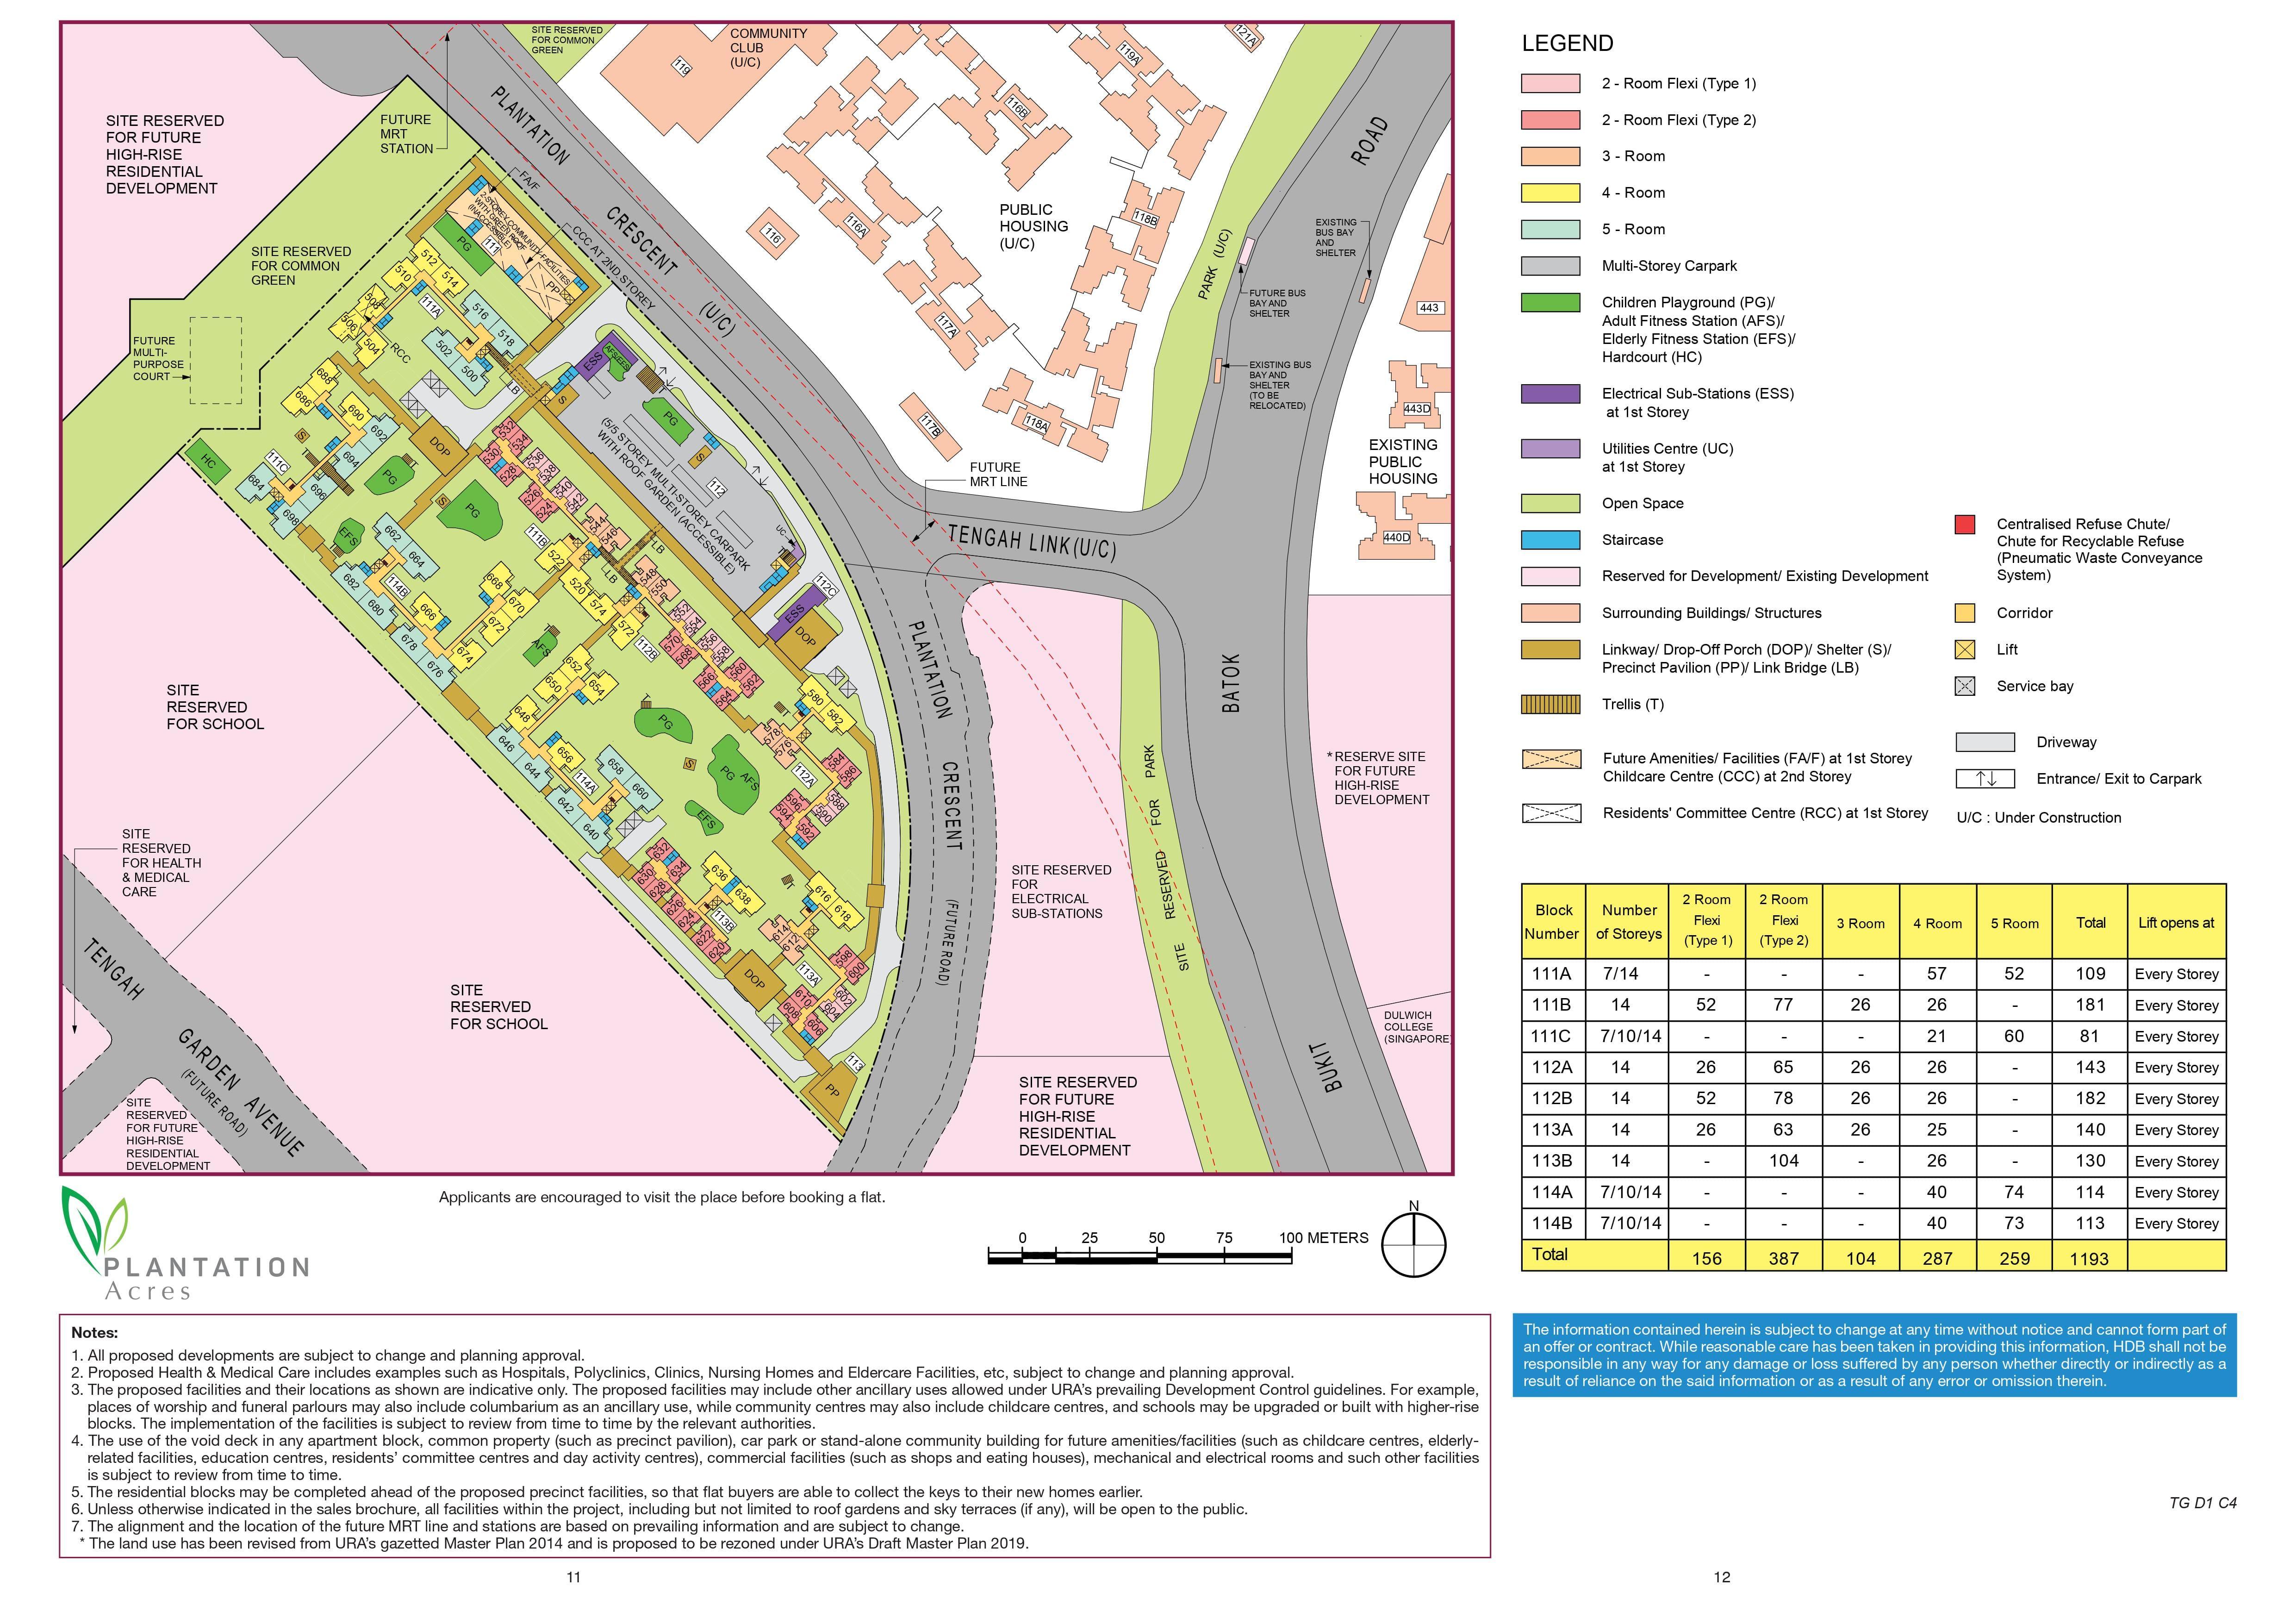 Plantation Acres Site Plan